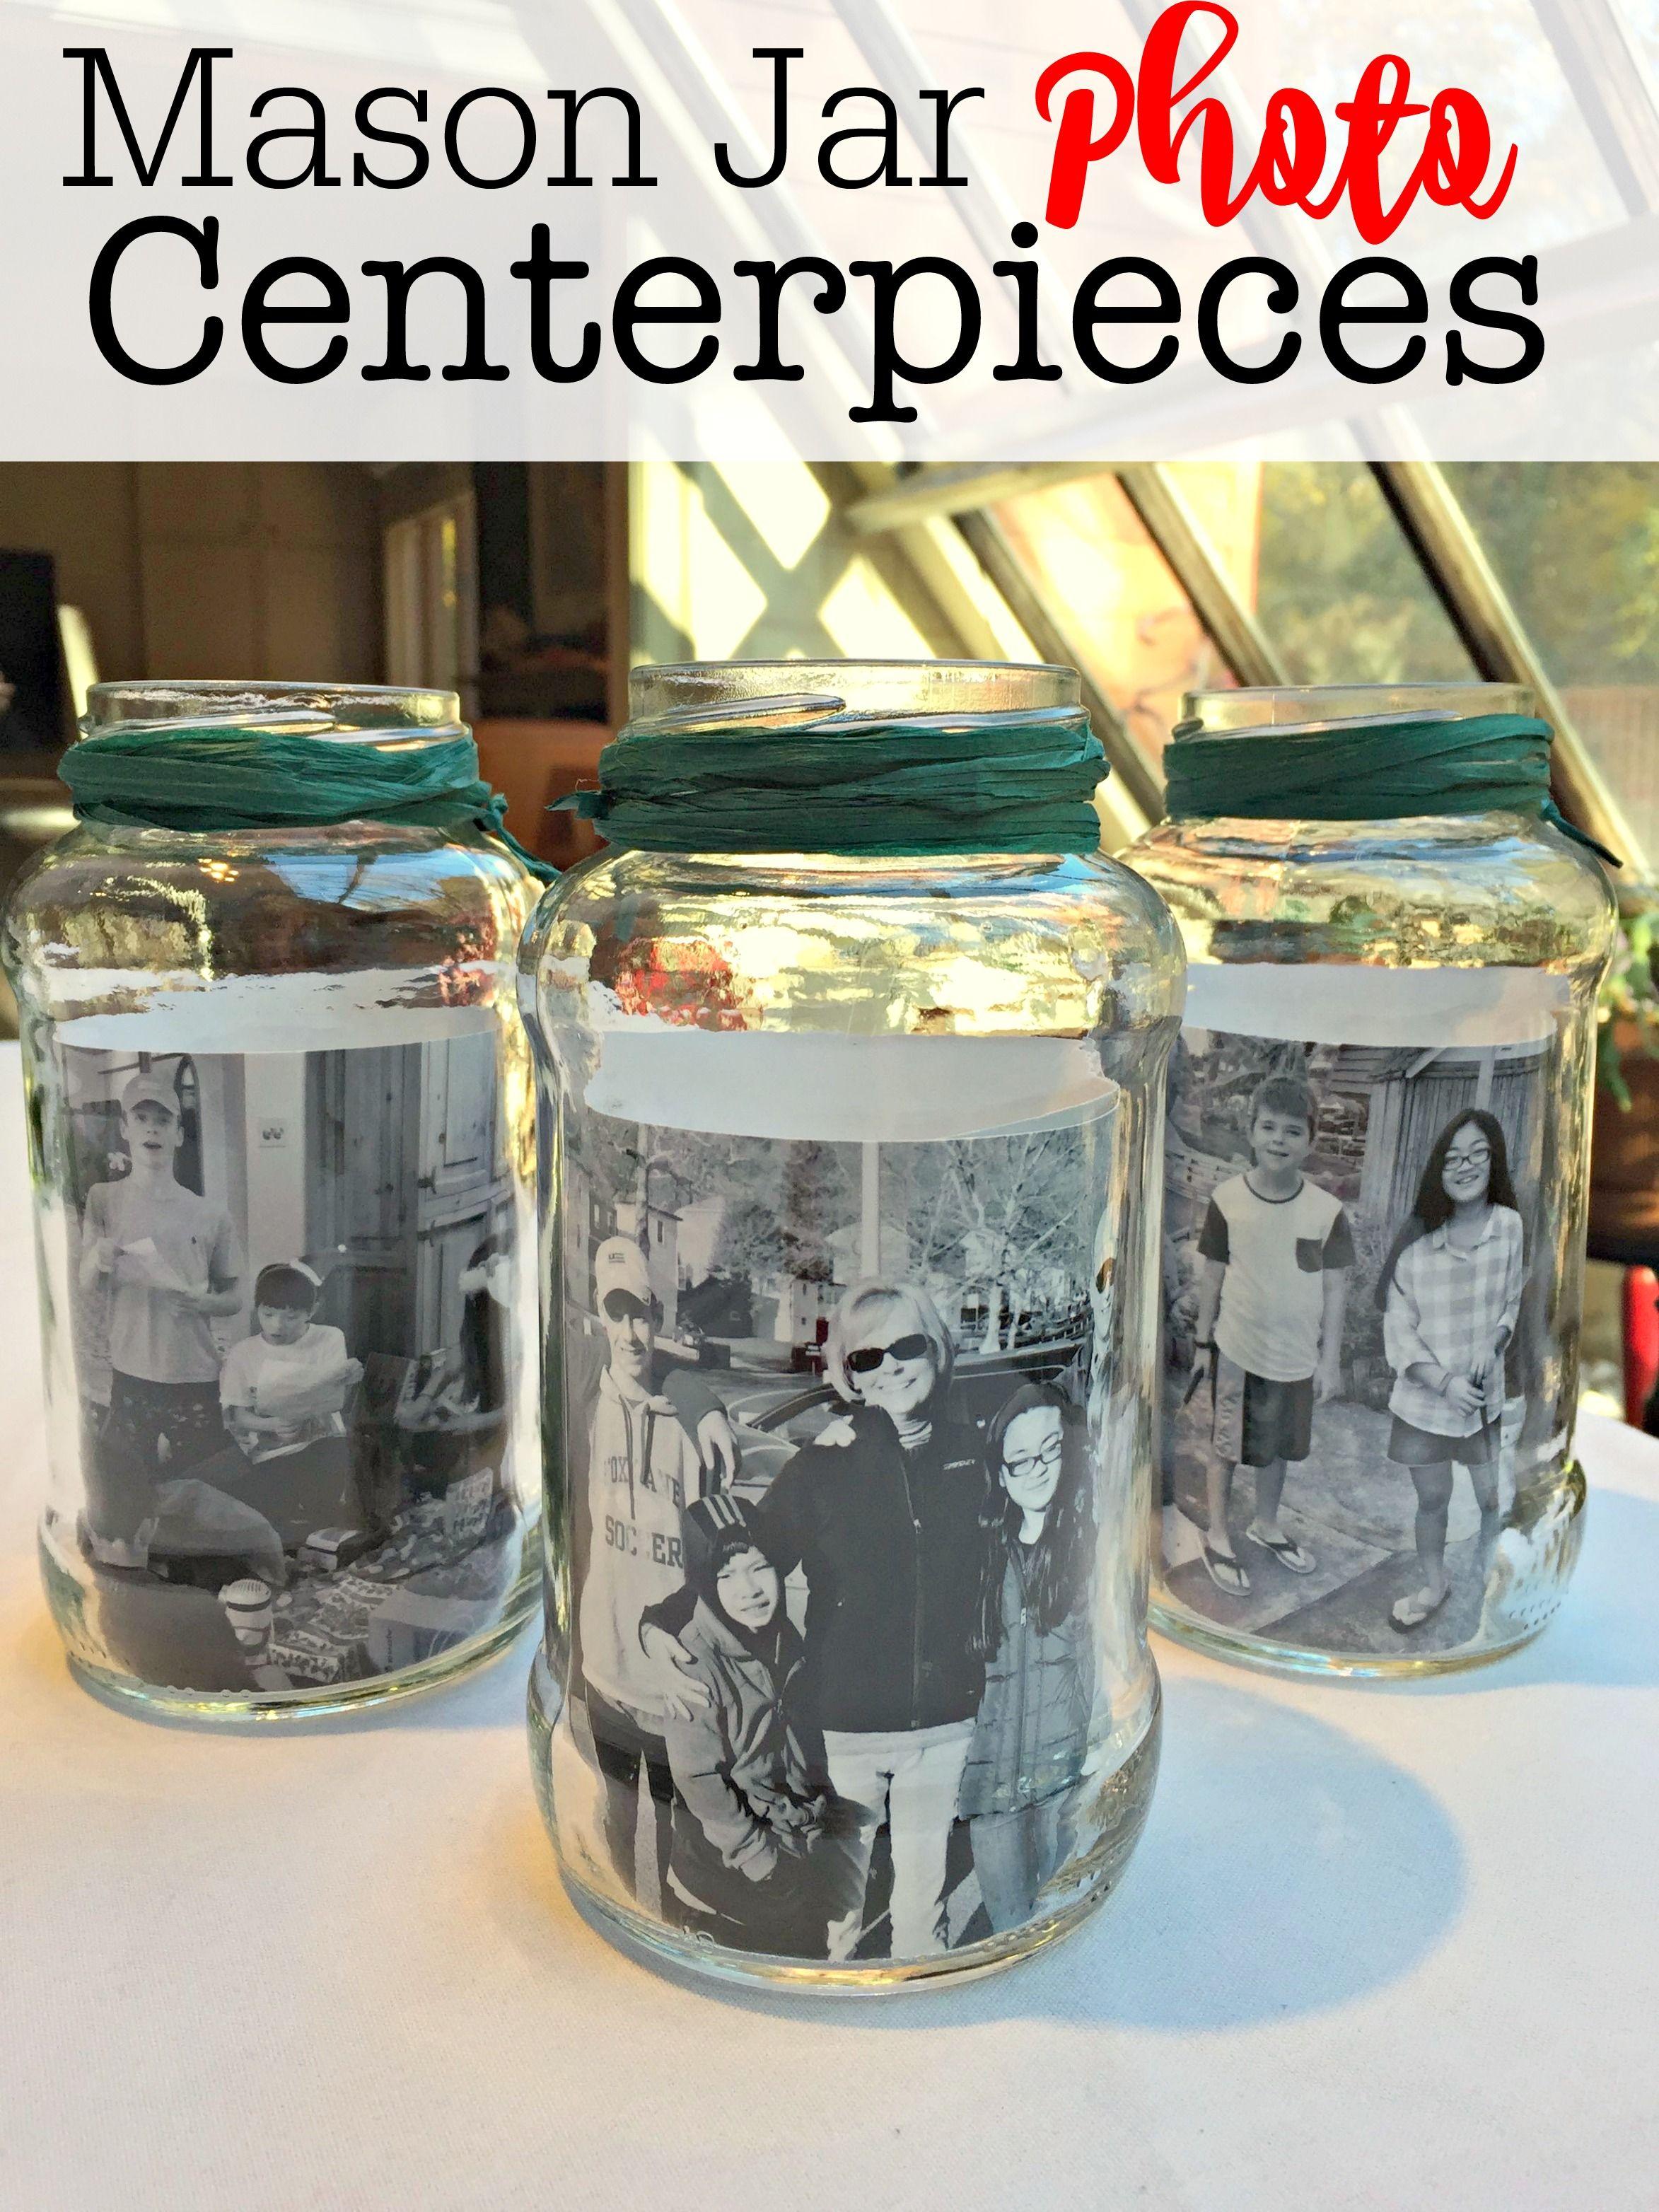 Mason Jar Photo Centerpieces Mason Jar Photo Mason Jar Diy